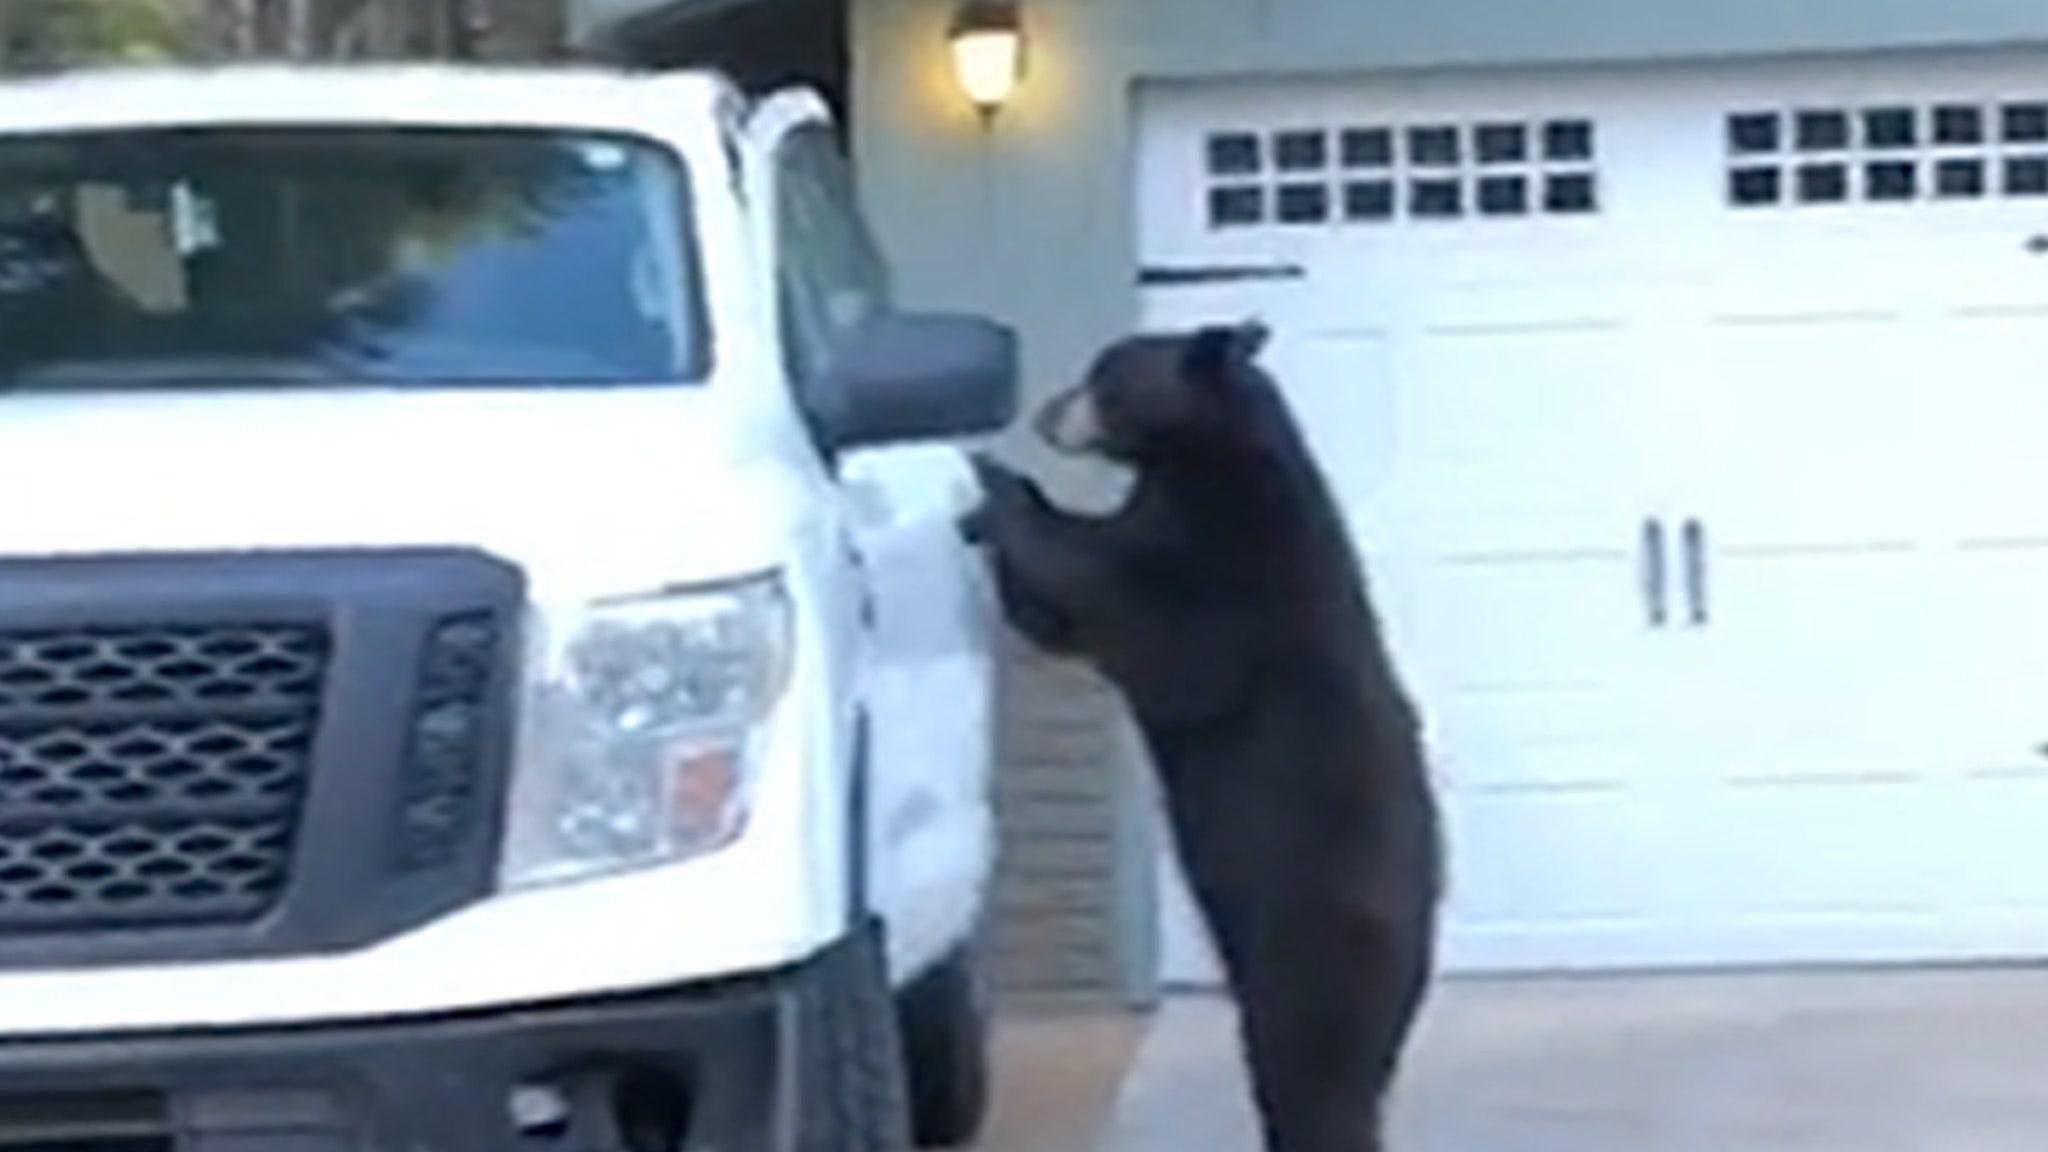 Wild Bear Ready to Roll in Pickup Truck ... Hops in, Locks the Door!!!